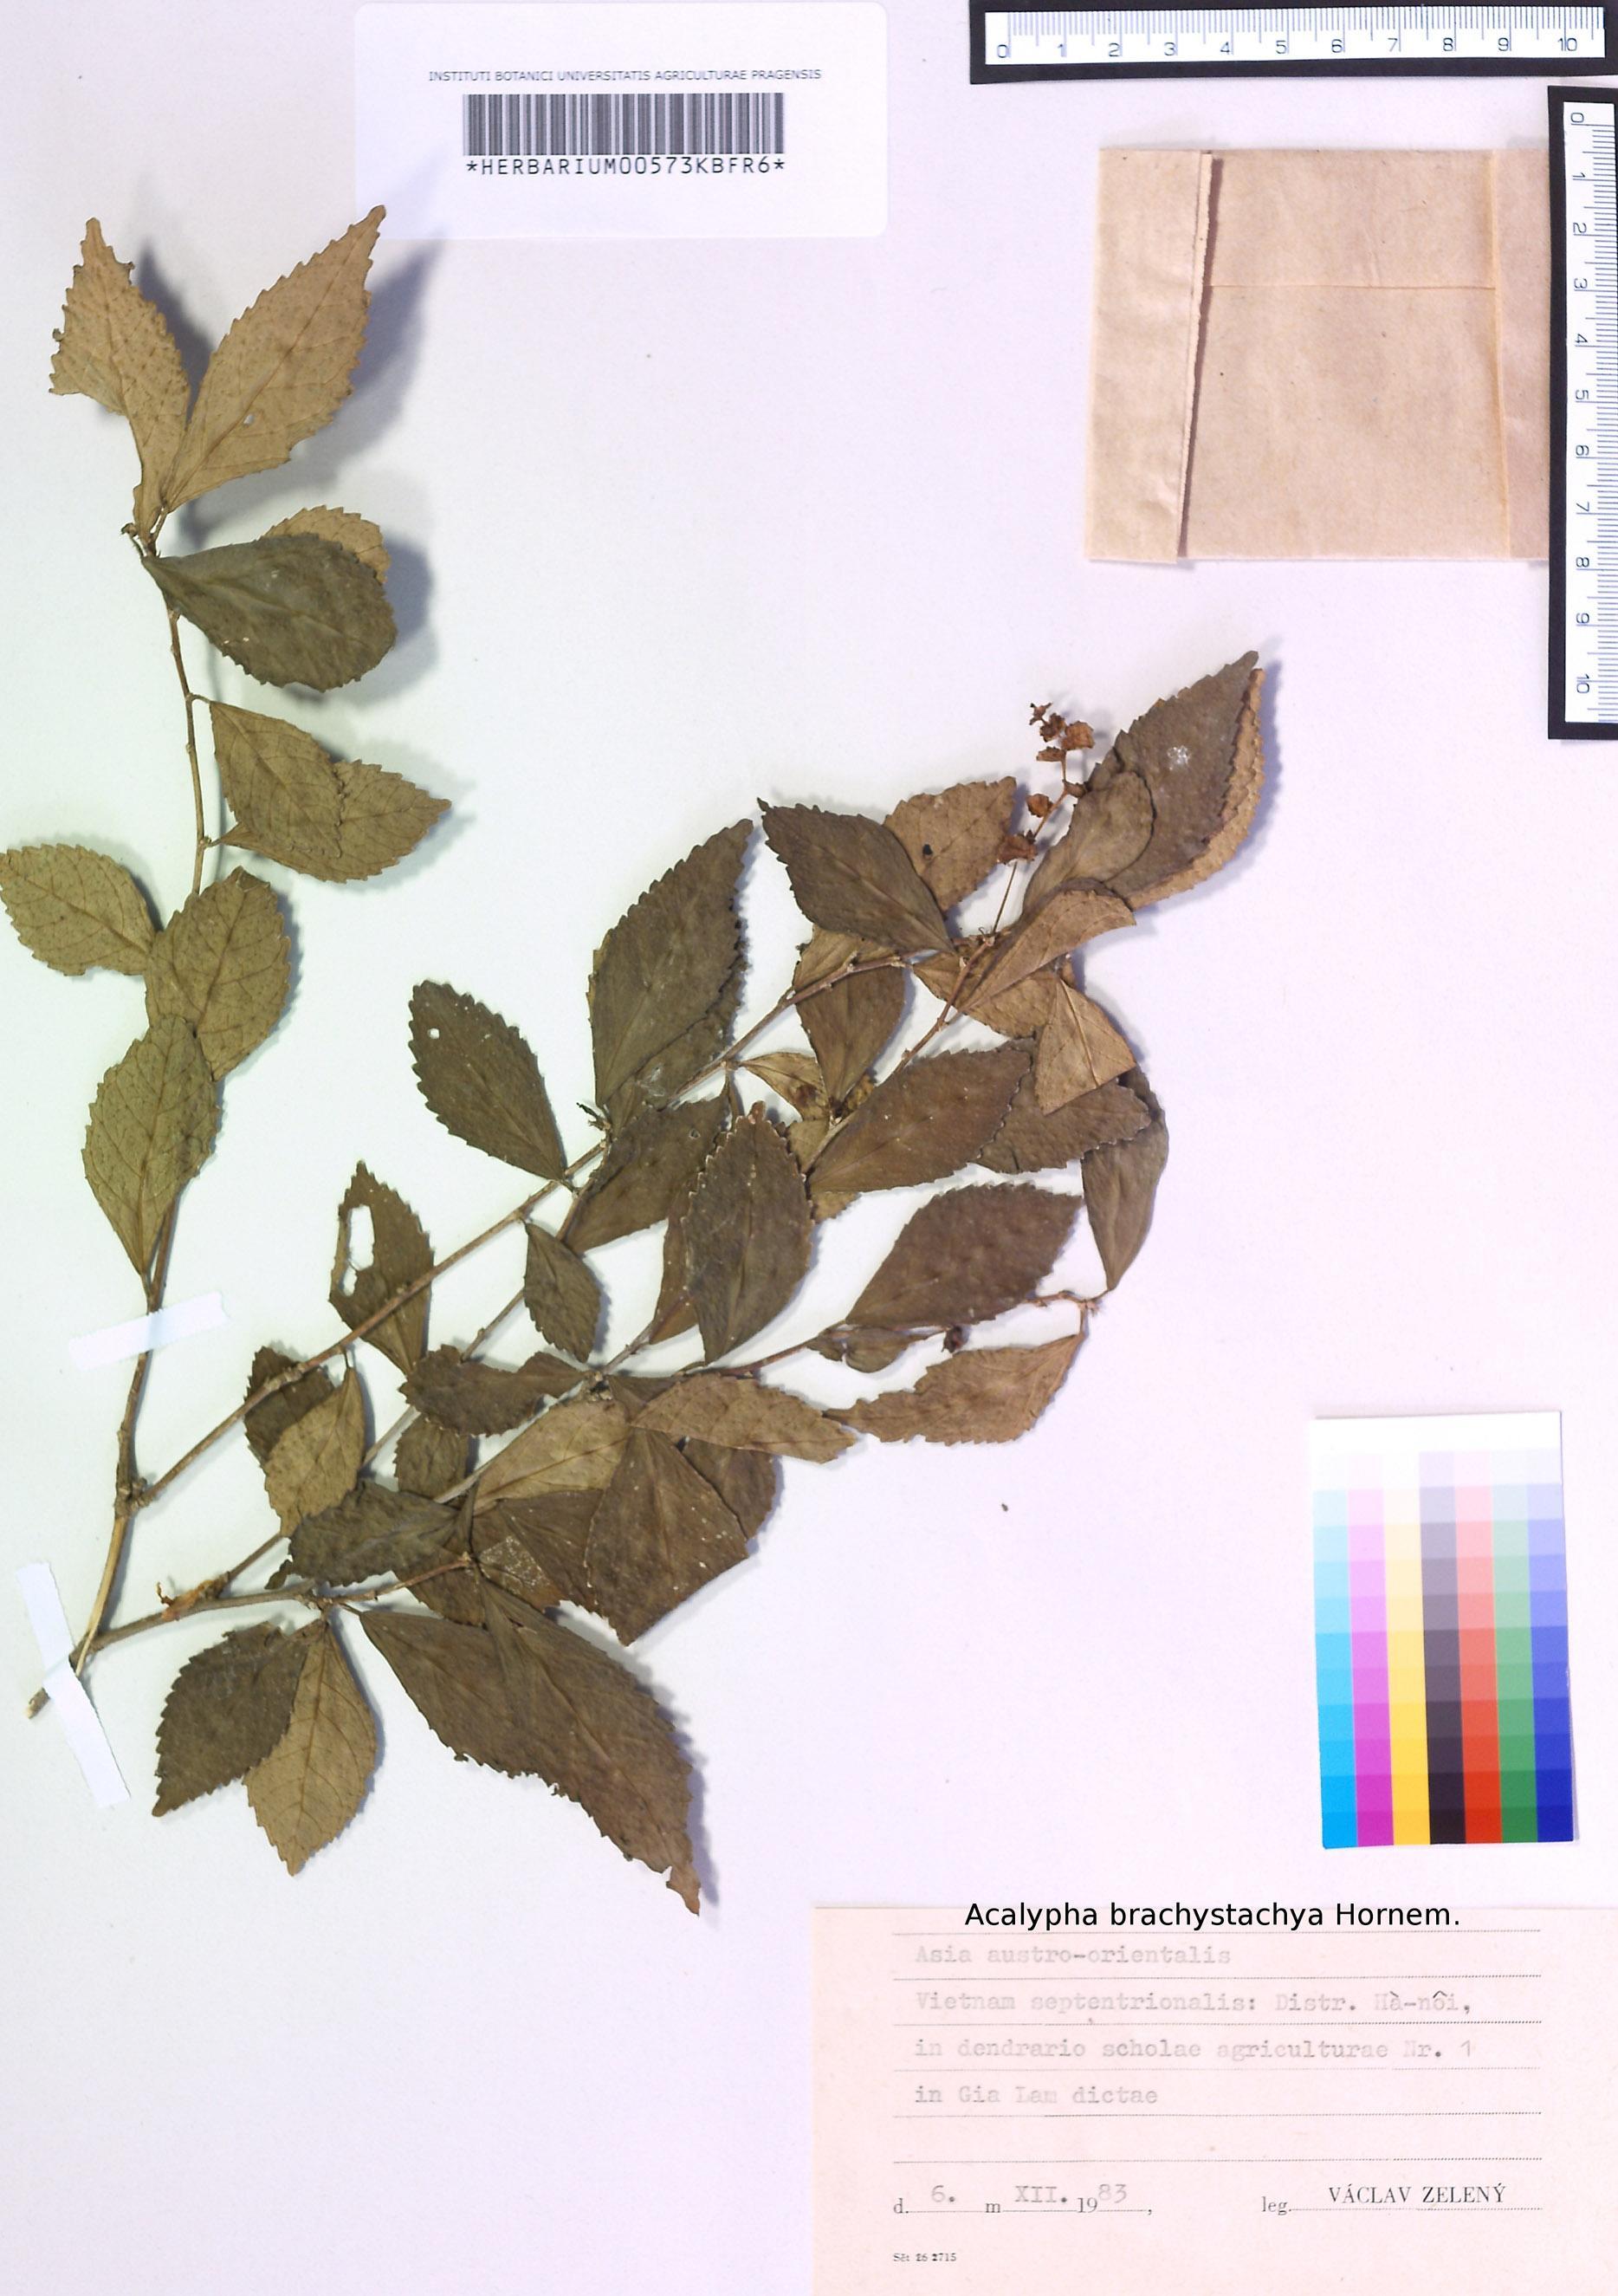 Herbářová položka z Vietnamu